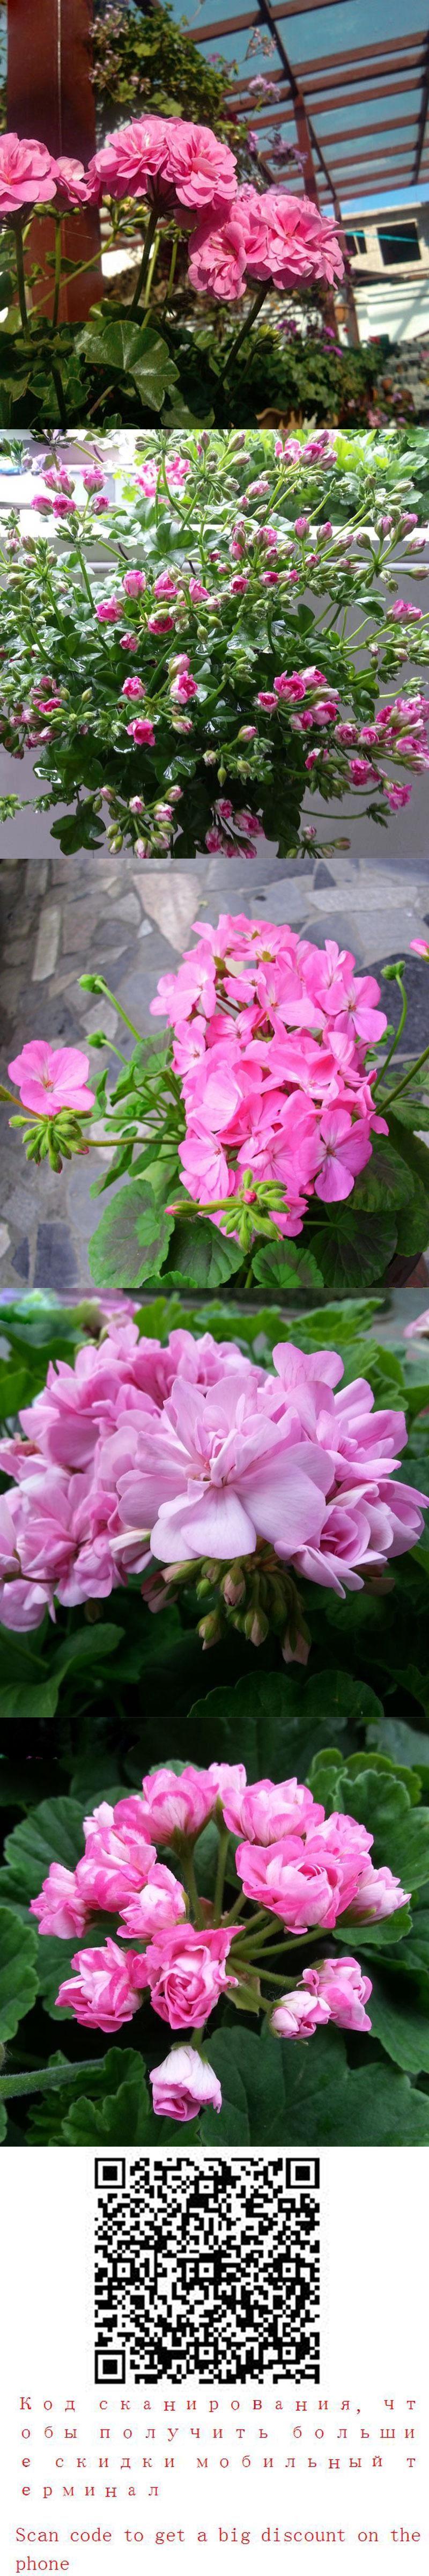 Hot Sale Rare Deep Pink Univalve Geranium Seeds Perennial Flower